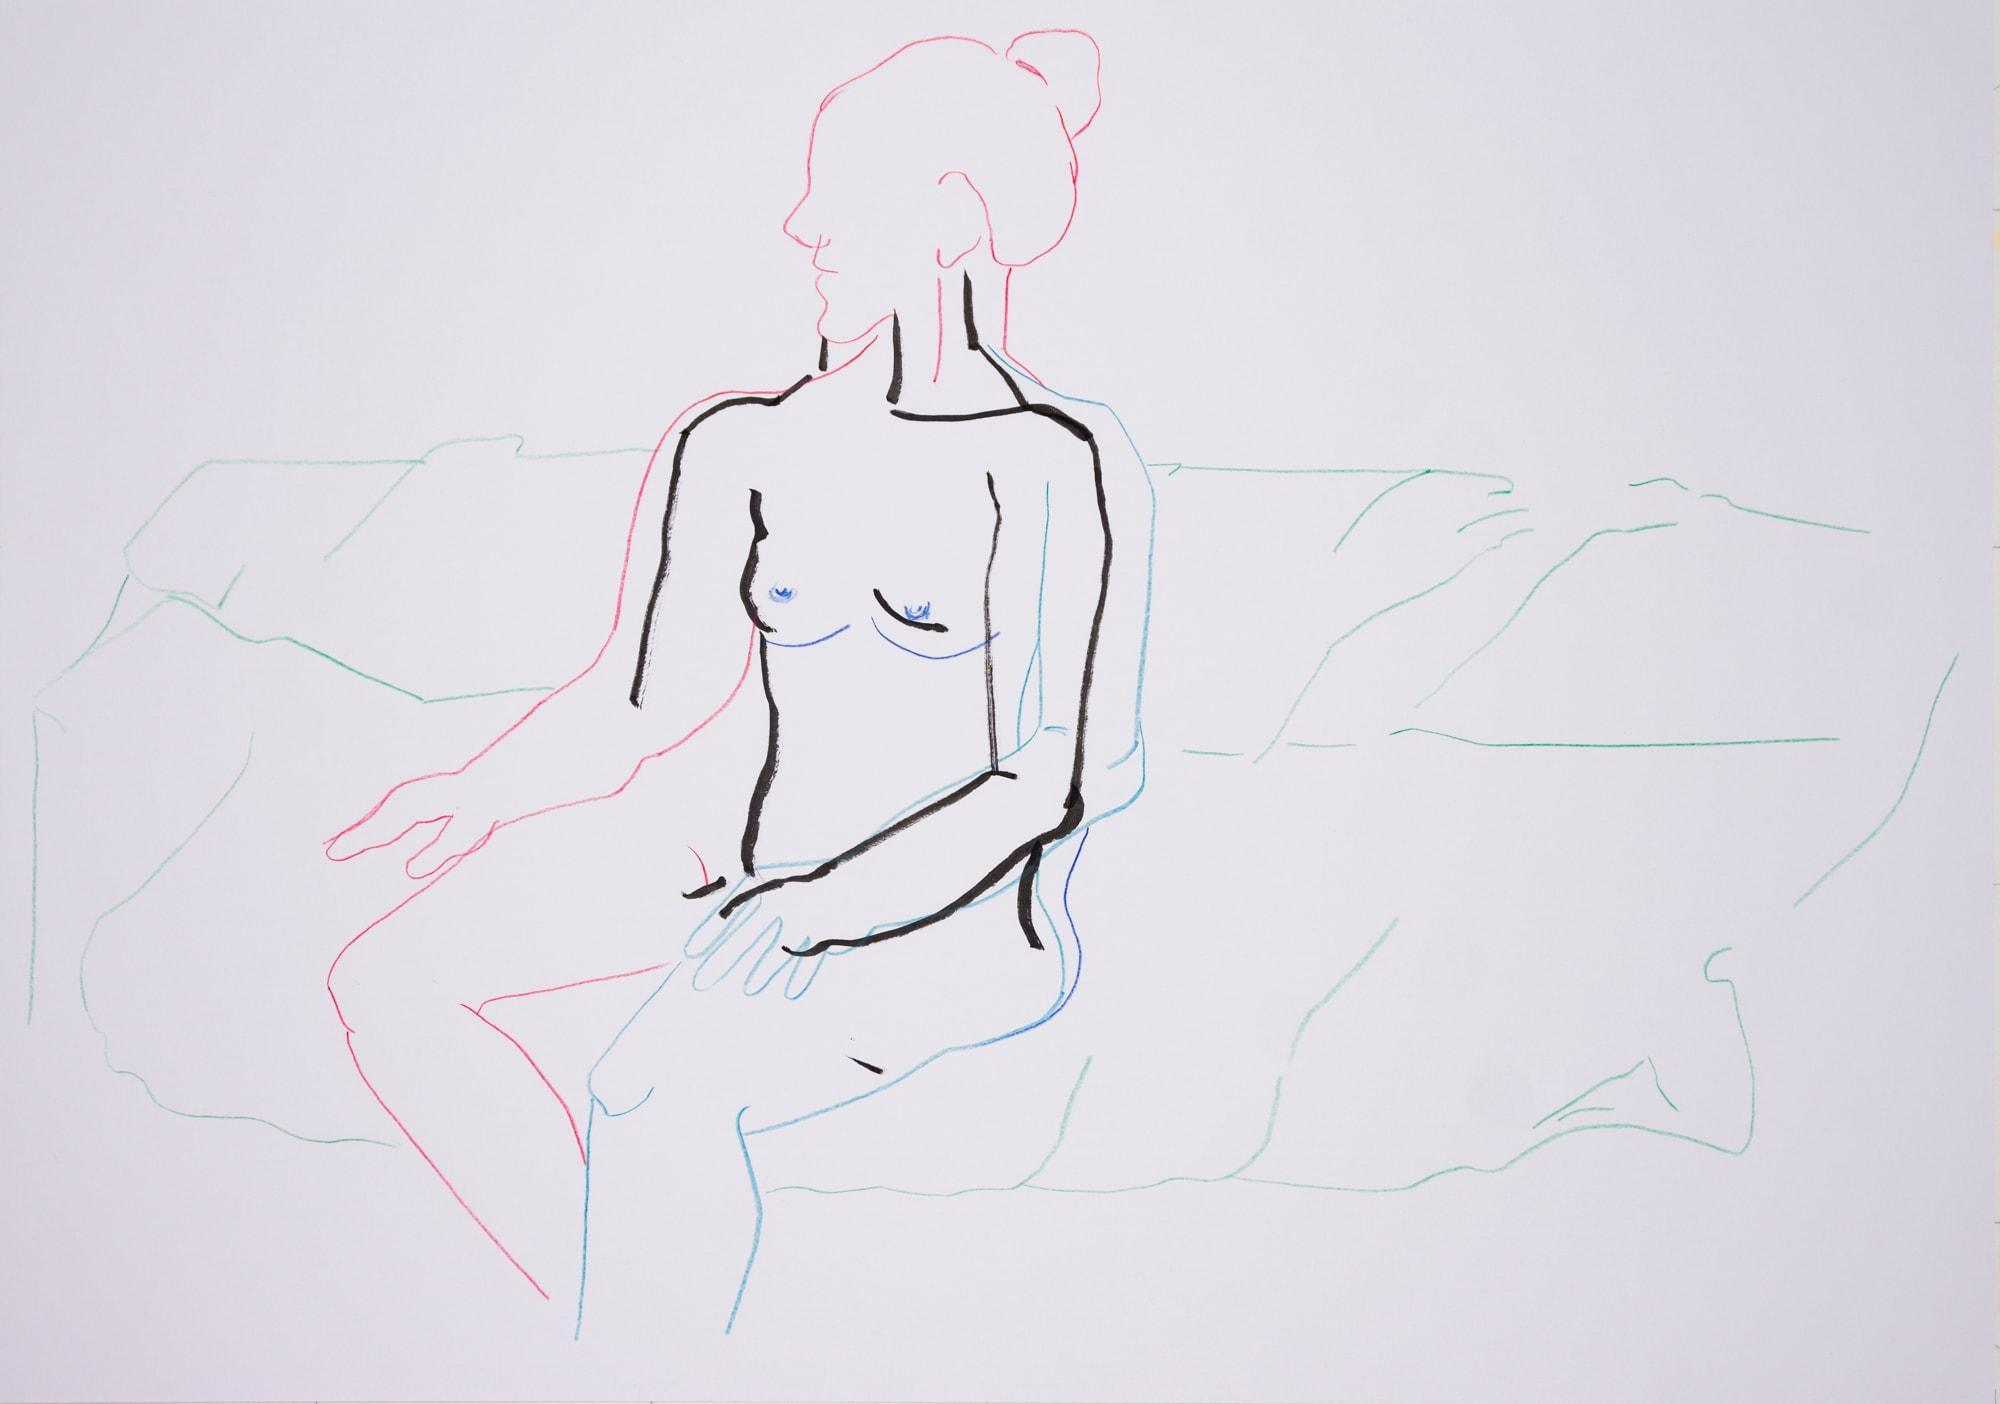 Zeichnung, Farbstift und Tusche auf Papier, 59,4x42cm, Frauenakt, Künstlerin: Franziska King